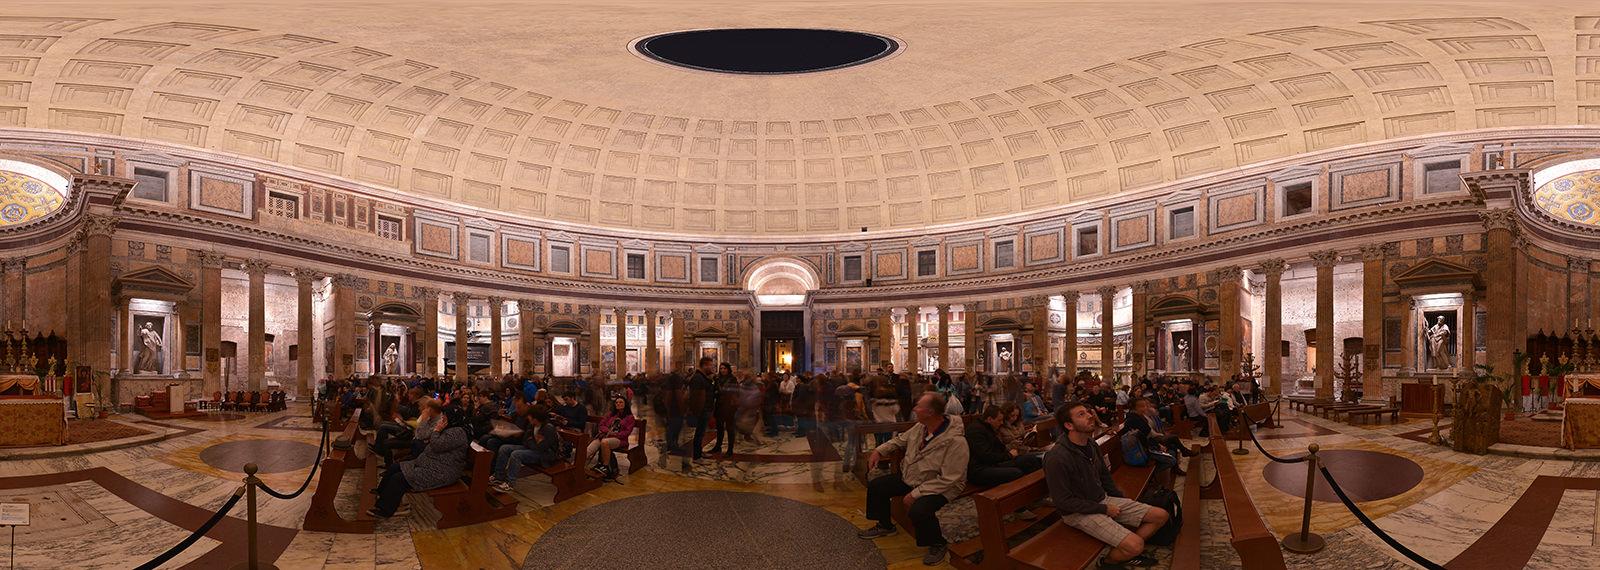 Roma Inside Pantheon